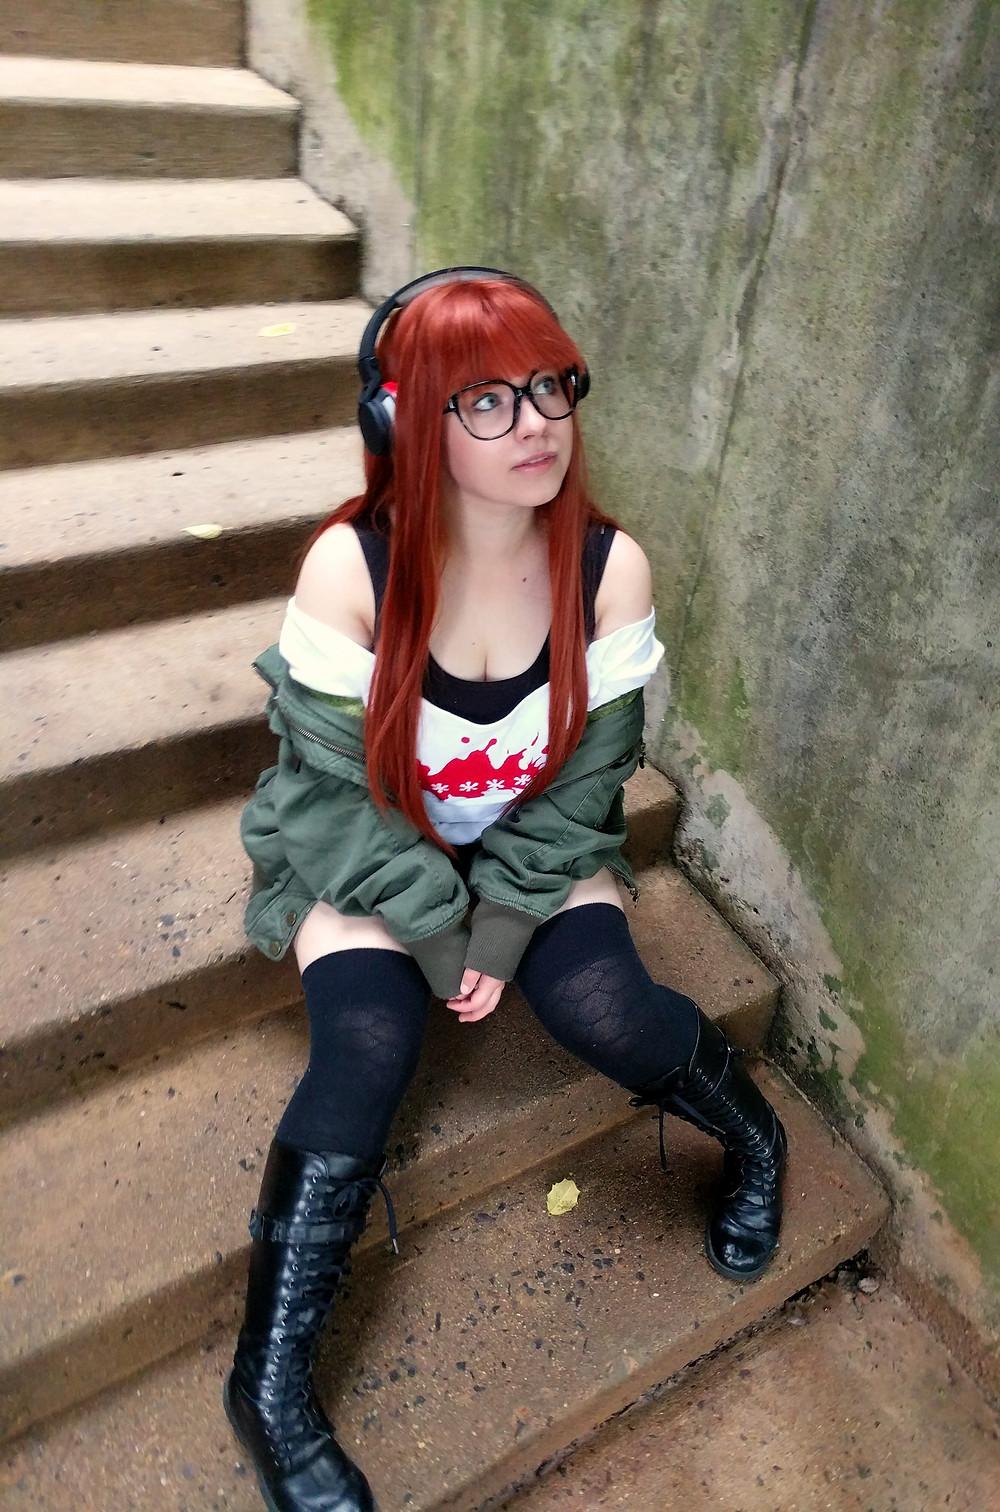 futaba sakura cosplay